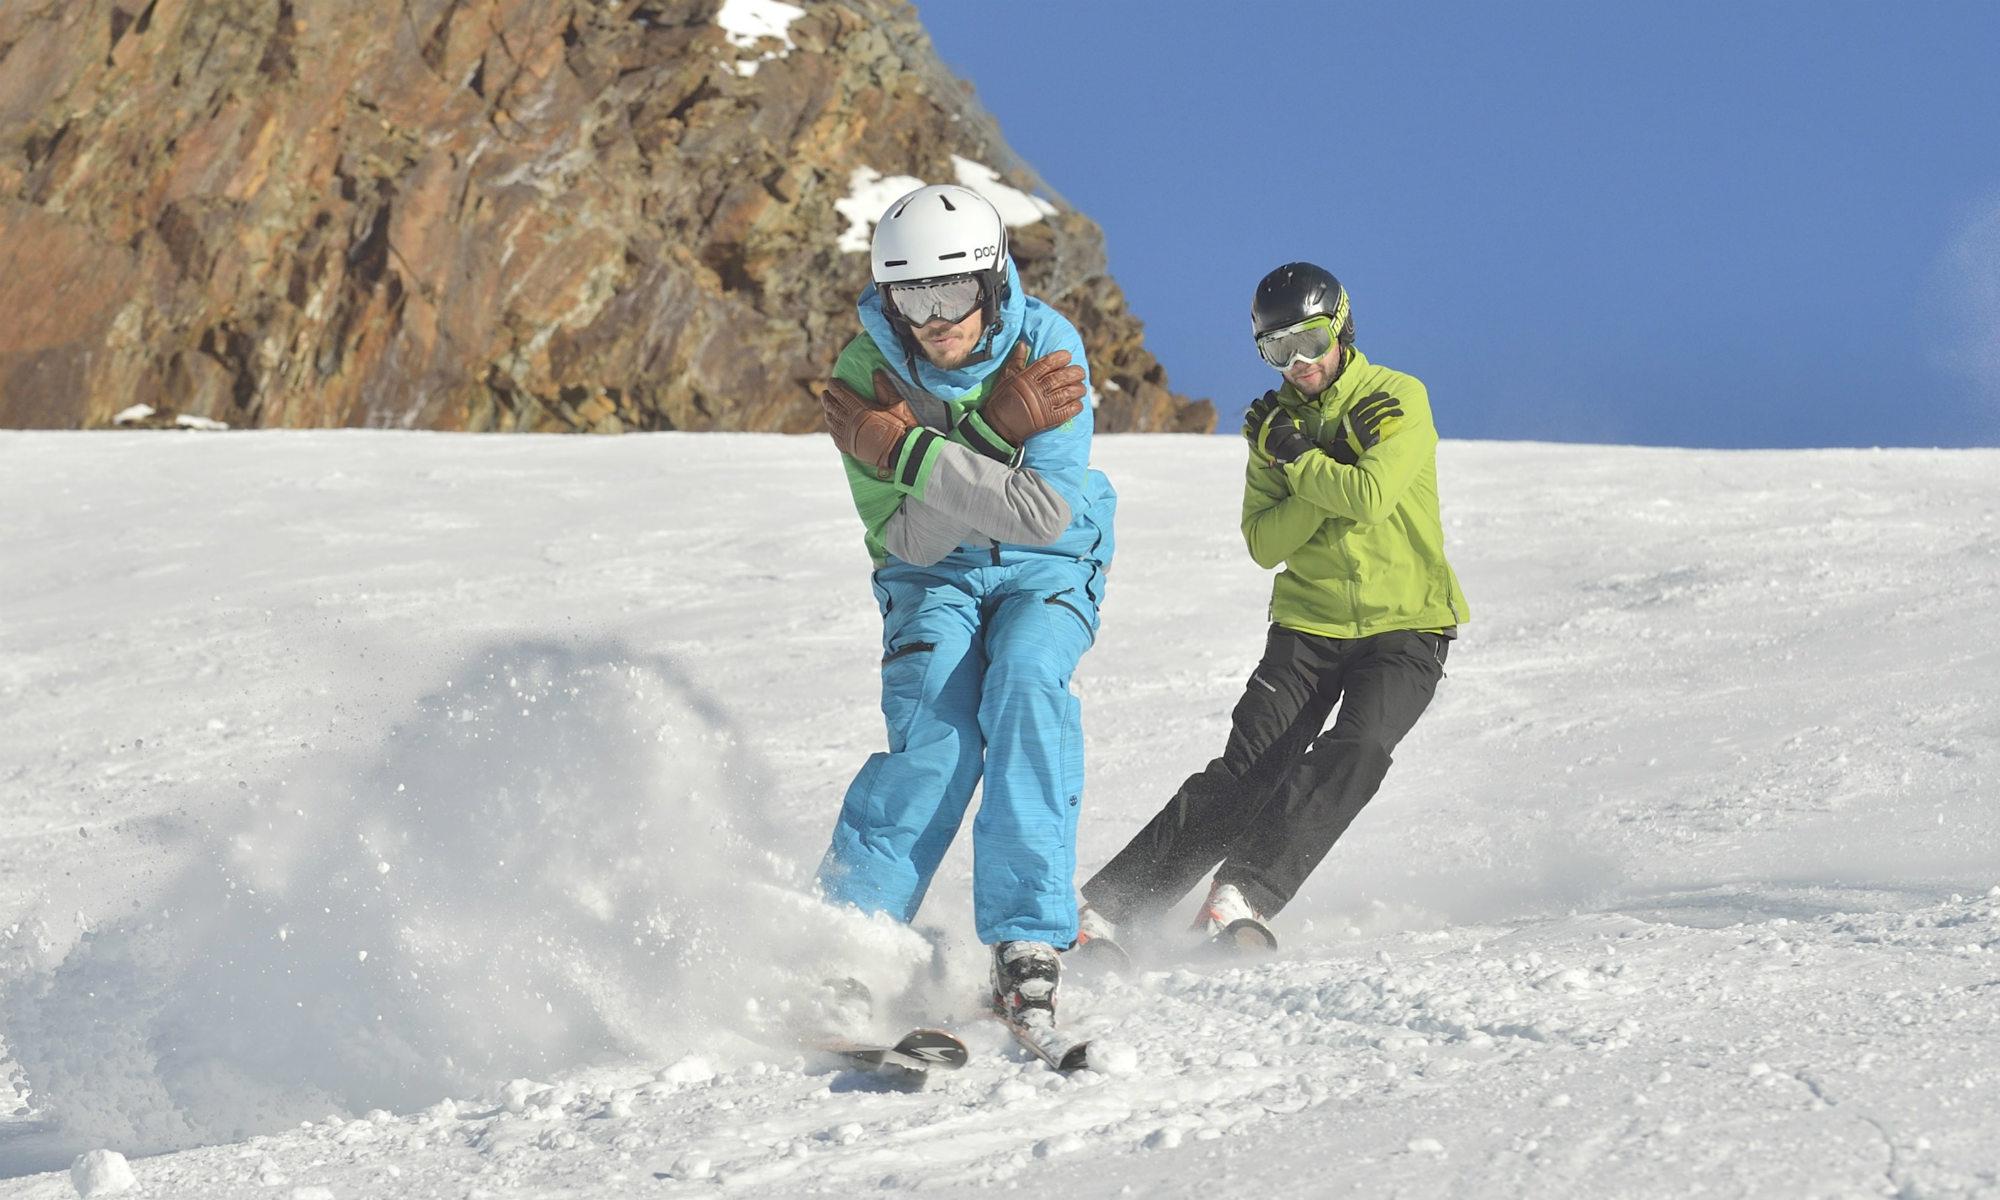 Wiedereinsteiger üben die Skitechnik auf der Piste